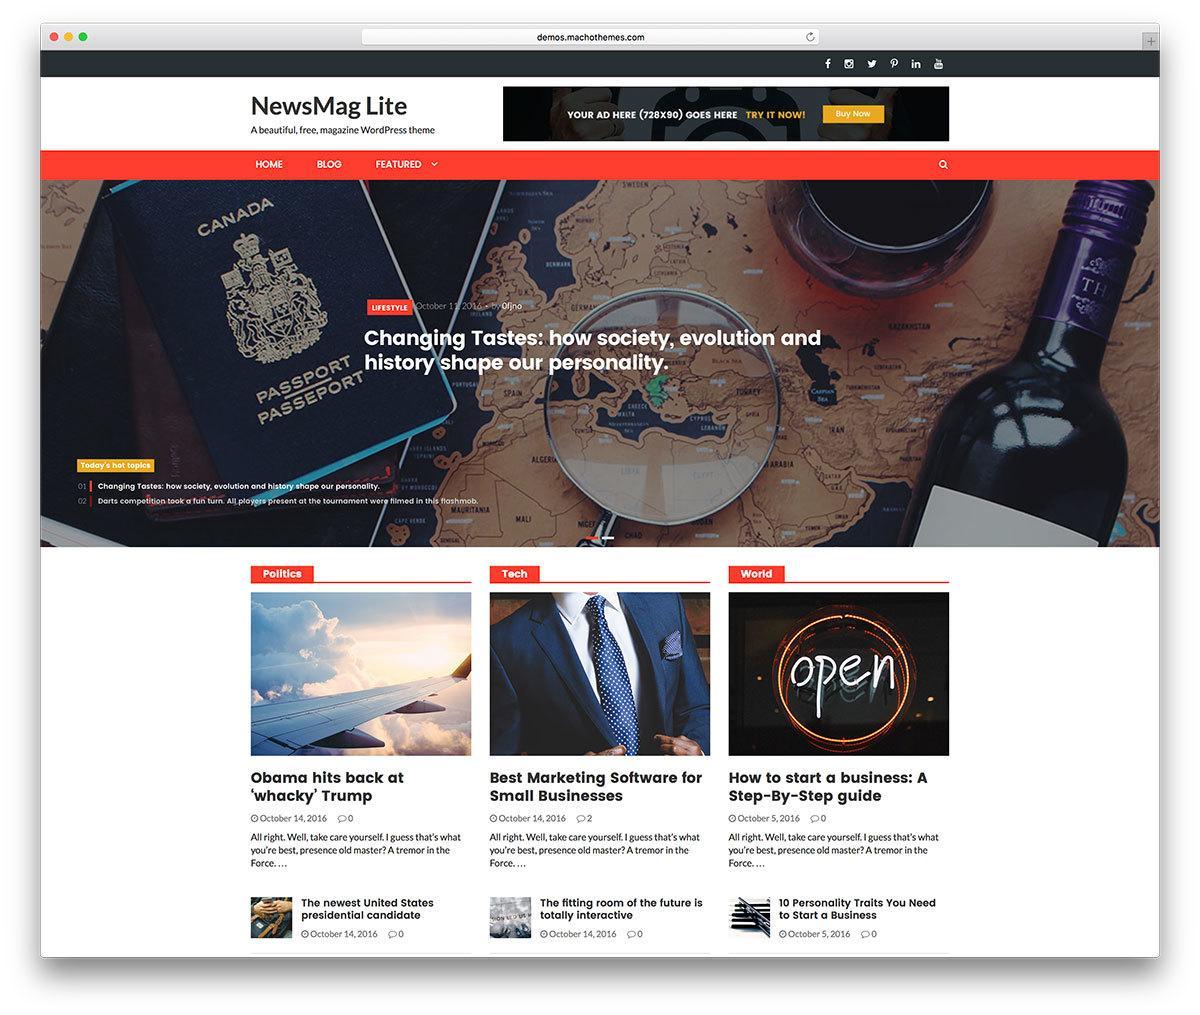 高品質WordPressテーマを3つお渡しします お金をかけずにワードプレスで上質なサイトに仕上げたい方へ